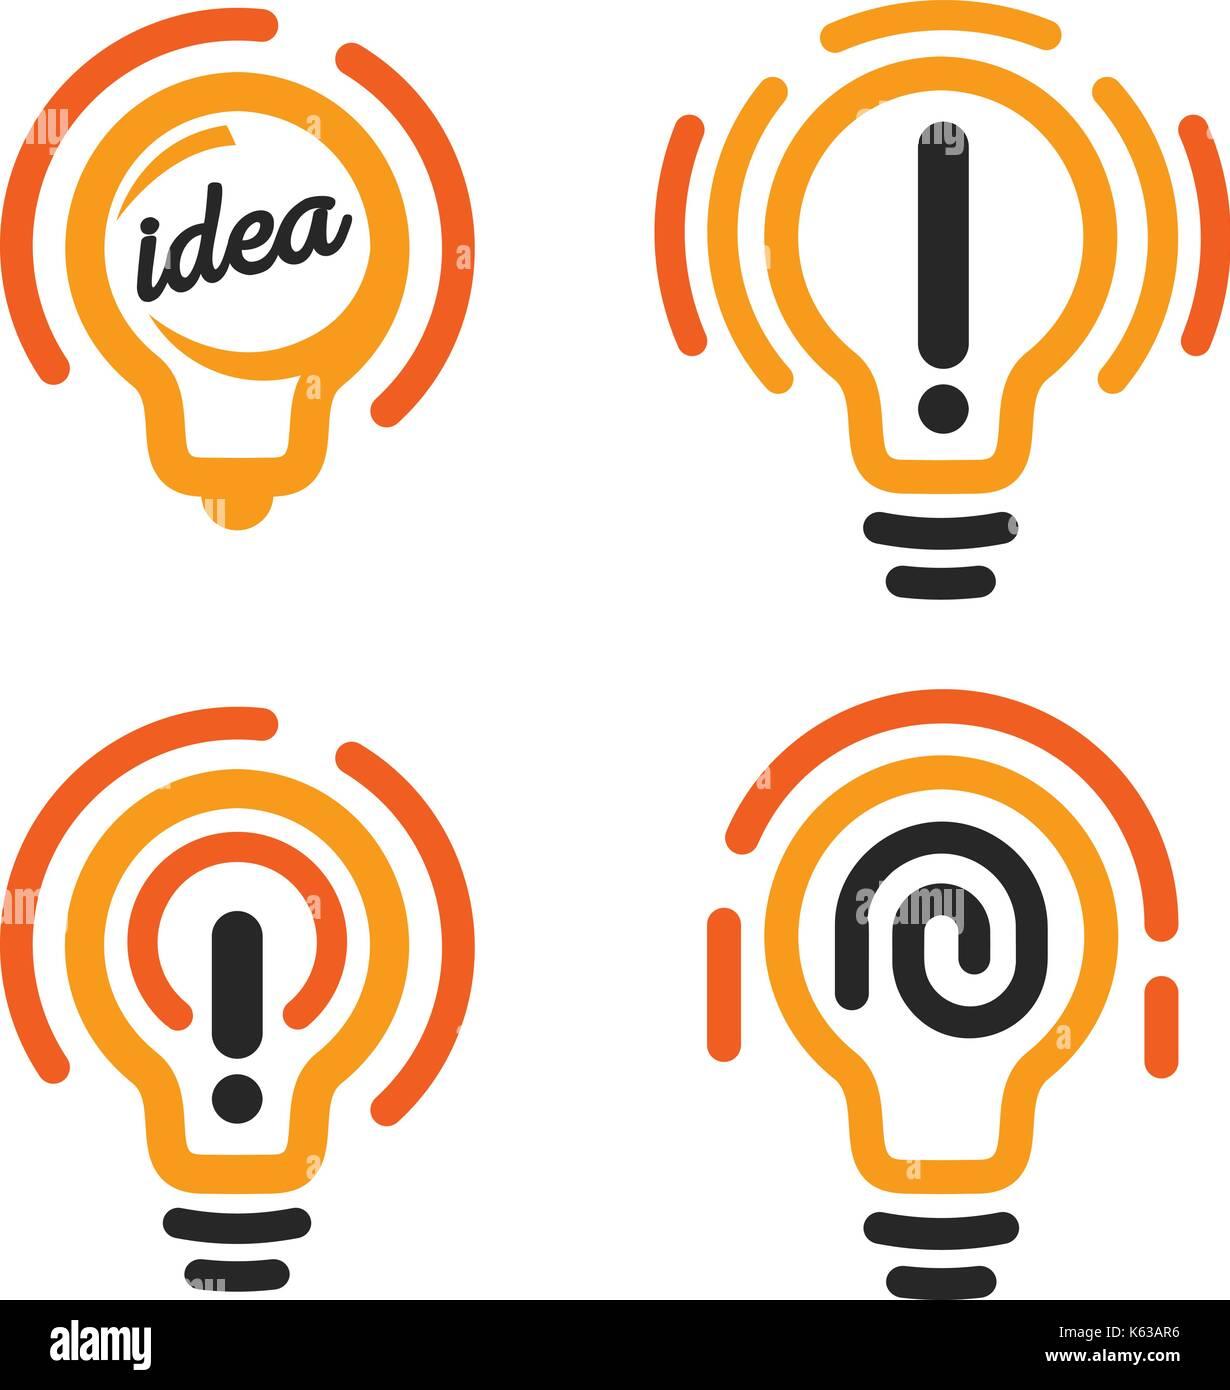 Fantastisch Herausragende Schematische Schaltplan Bild Ideen Ideen ...